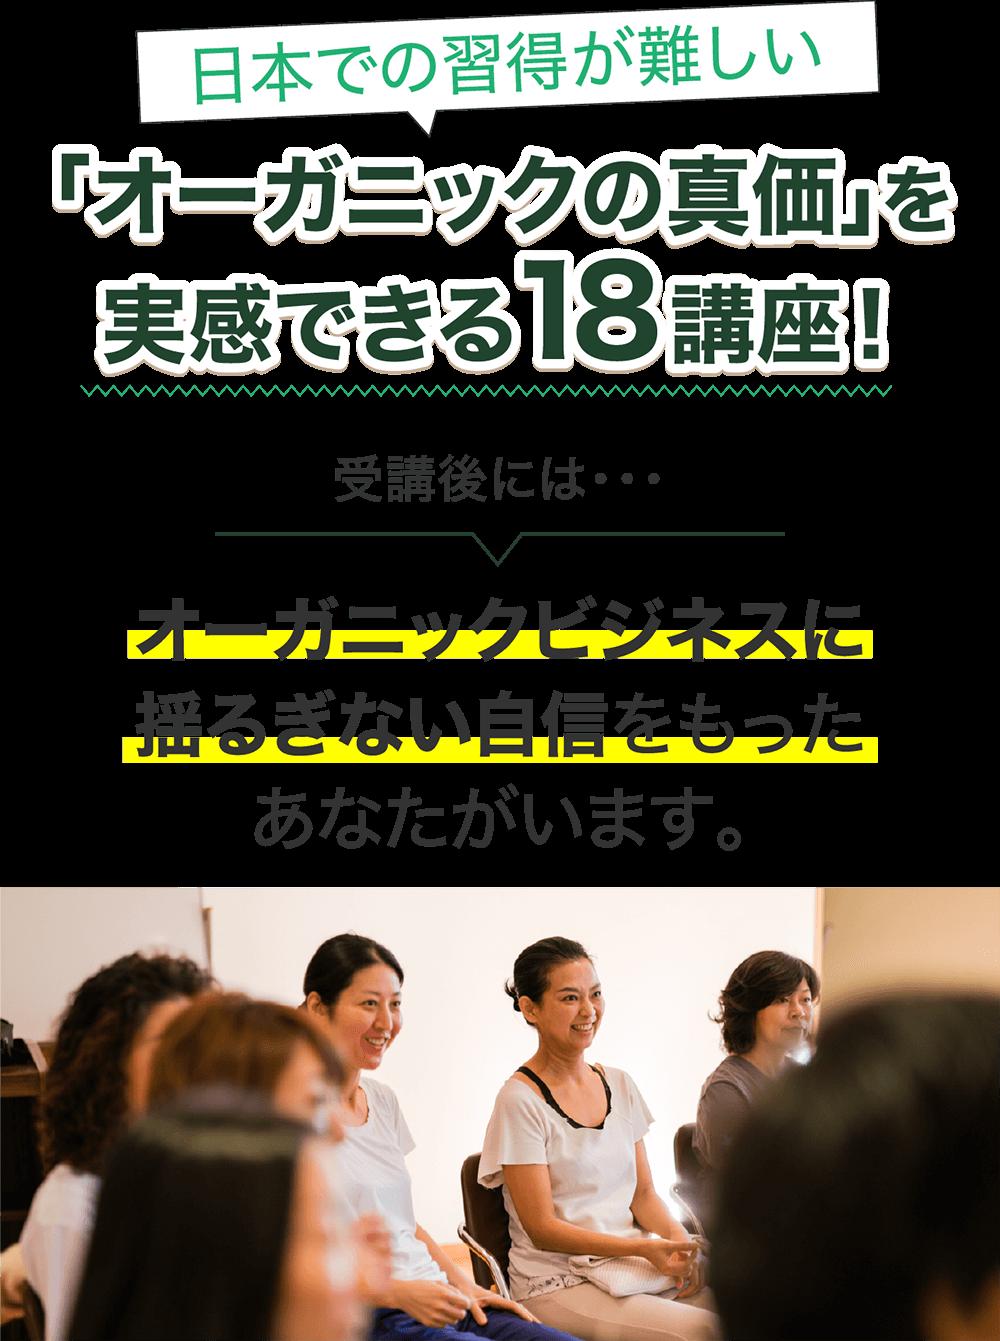 日本での習得が難しい「オーガニックの真価」を実感できる18講座!